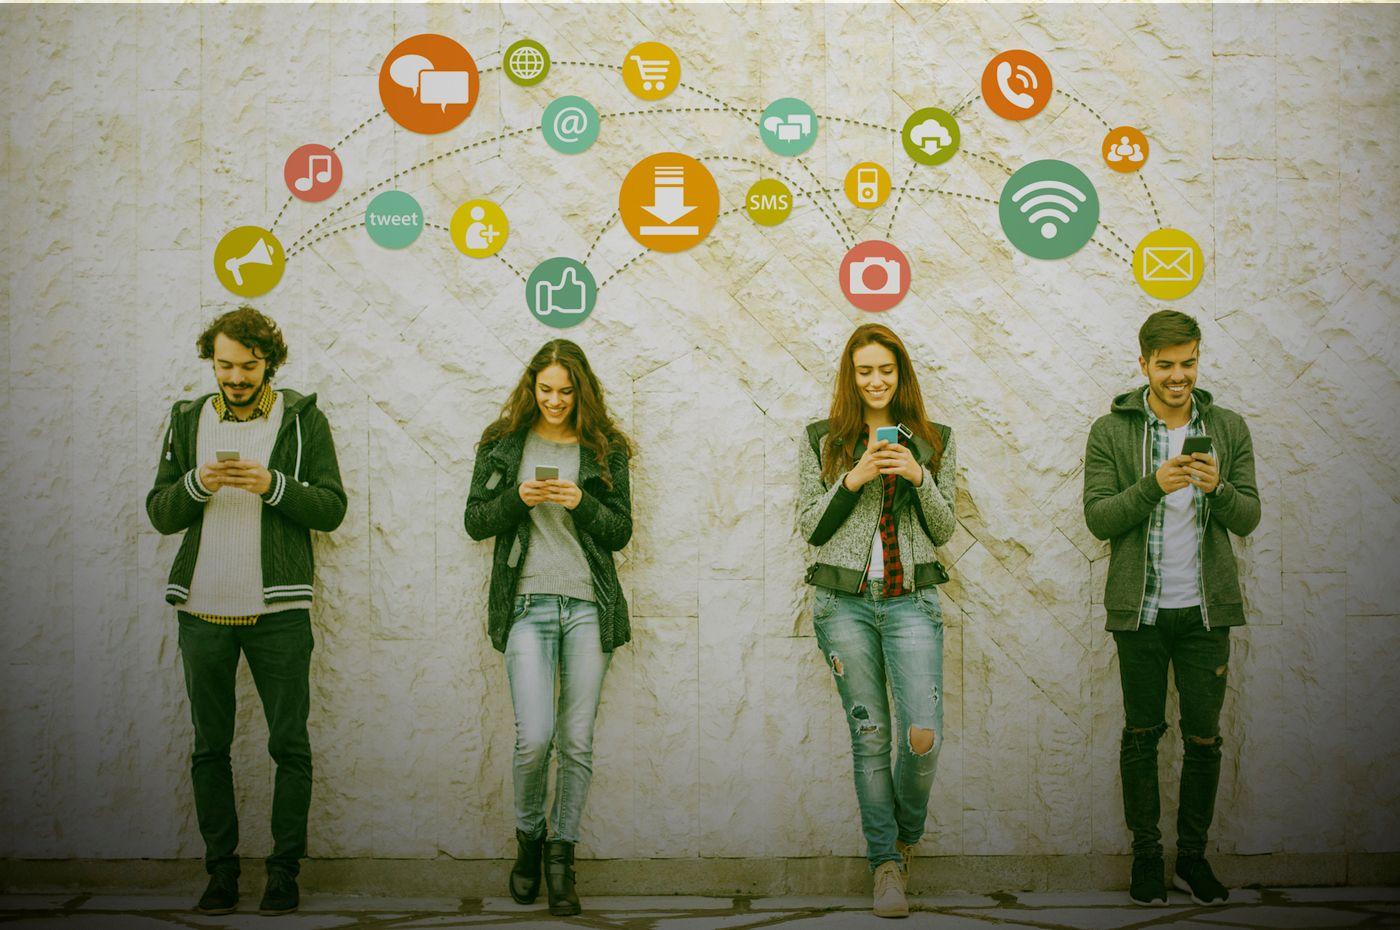 De la abundancia del corazón hablan tus redes sociales